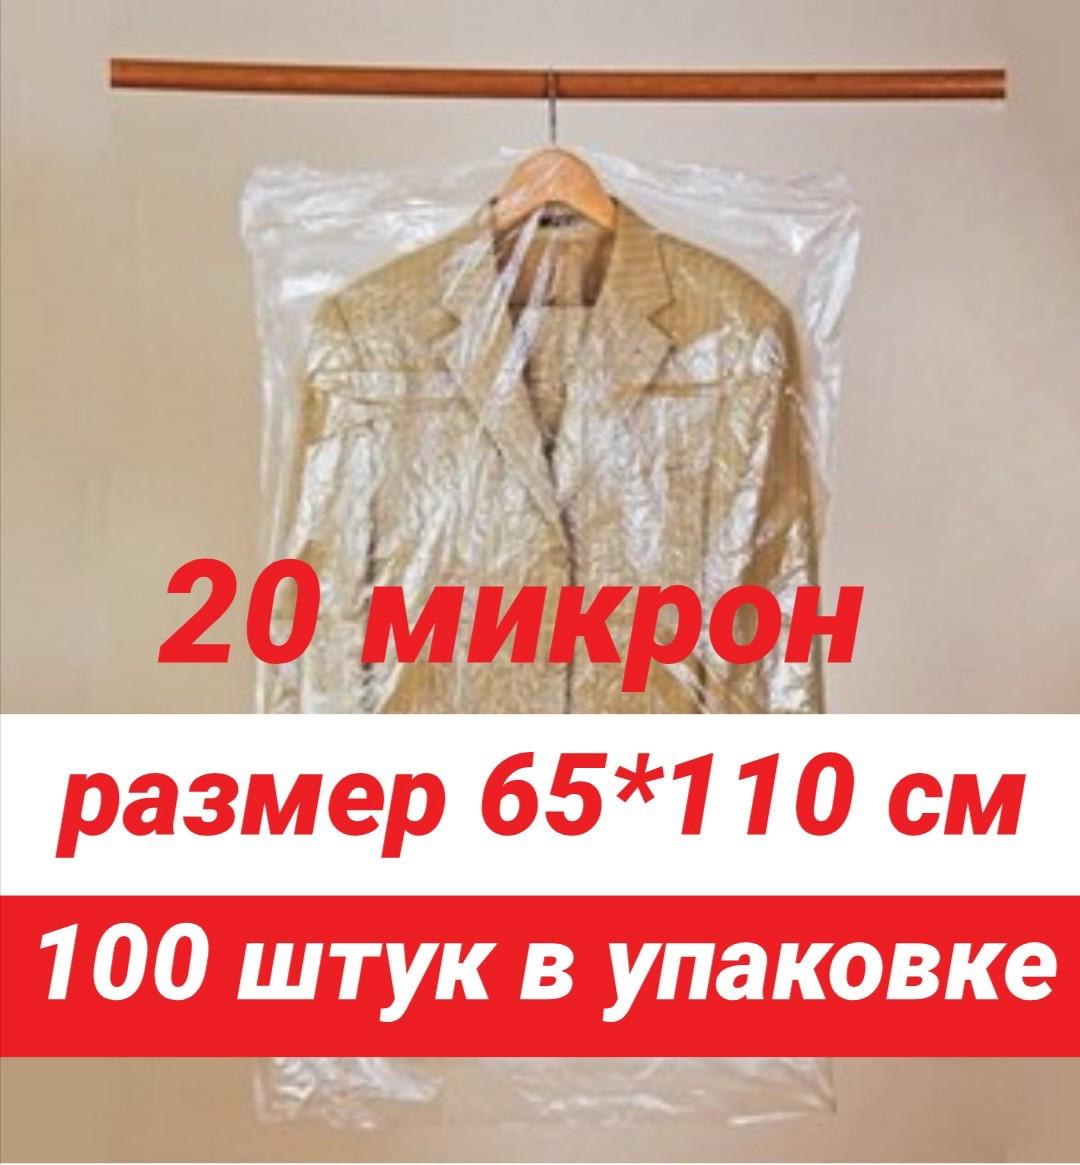 Размер 65*110 см, 100 шт в упаковке.Чехлы для одежды полиэтиленовые, толщина 20 микрон